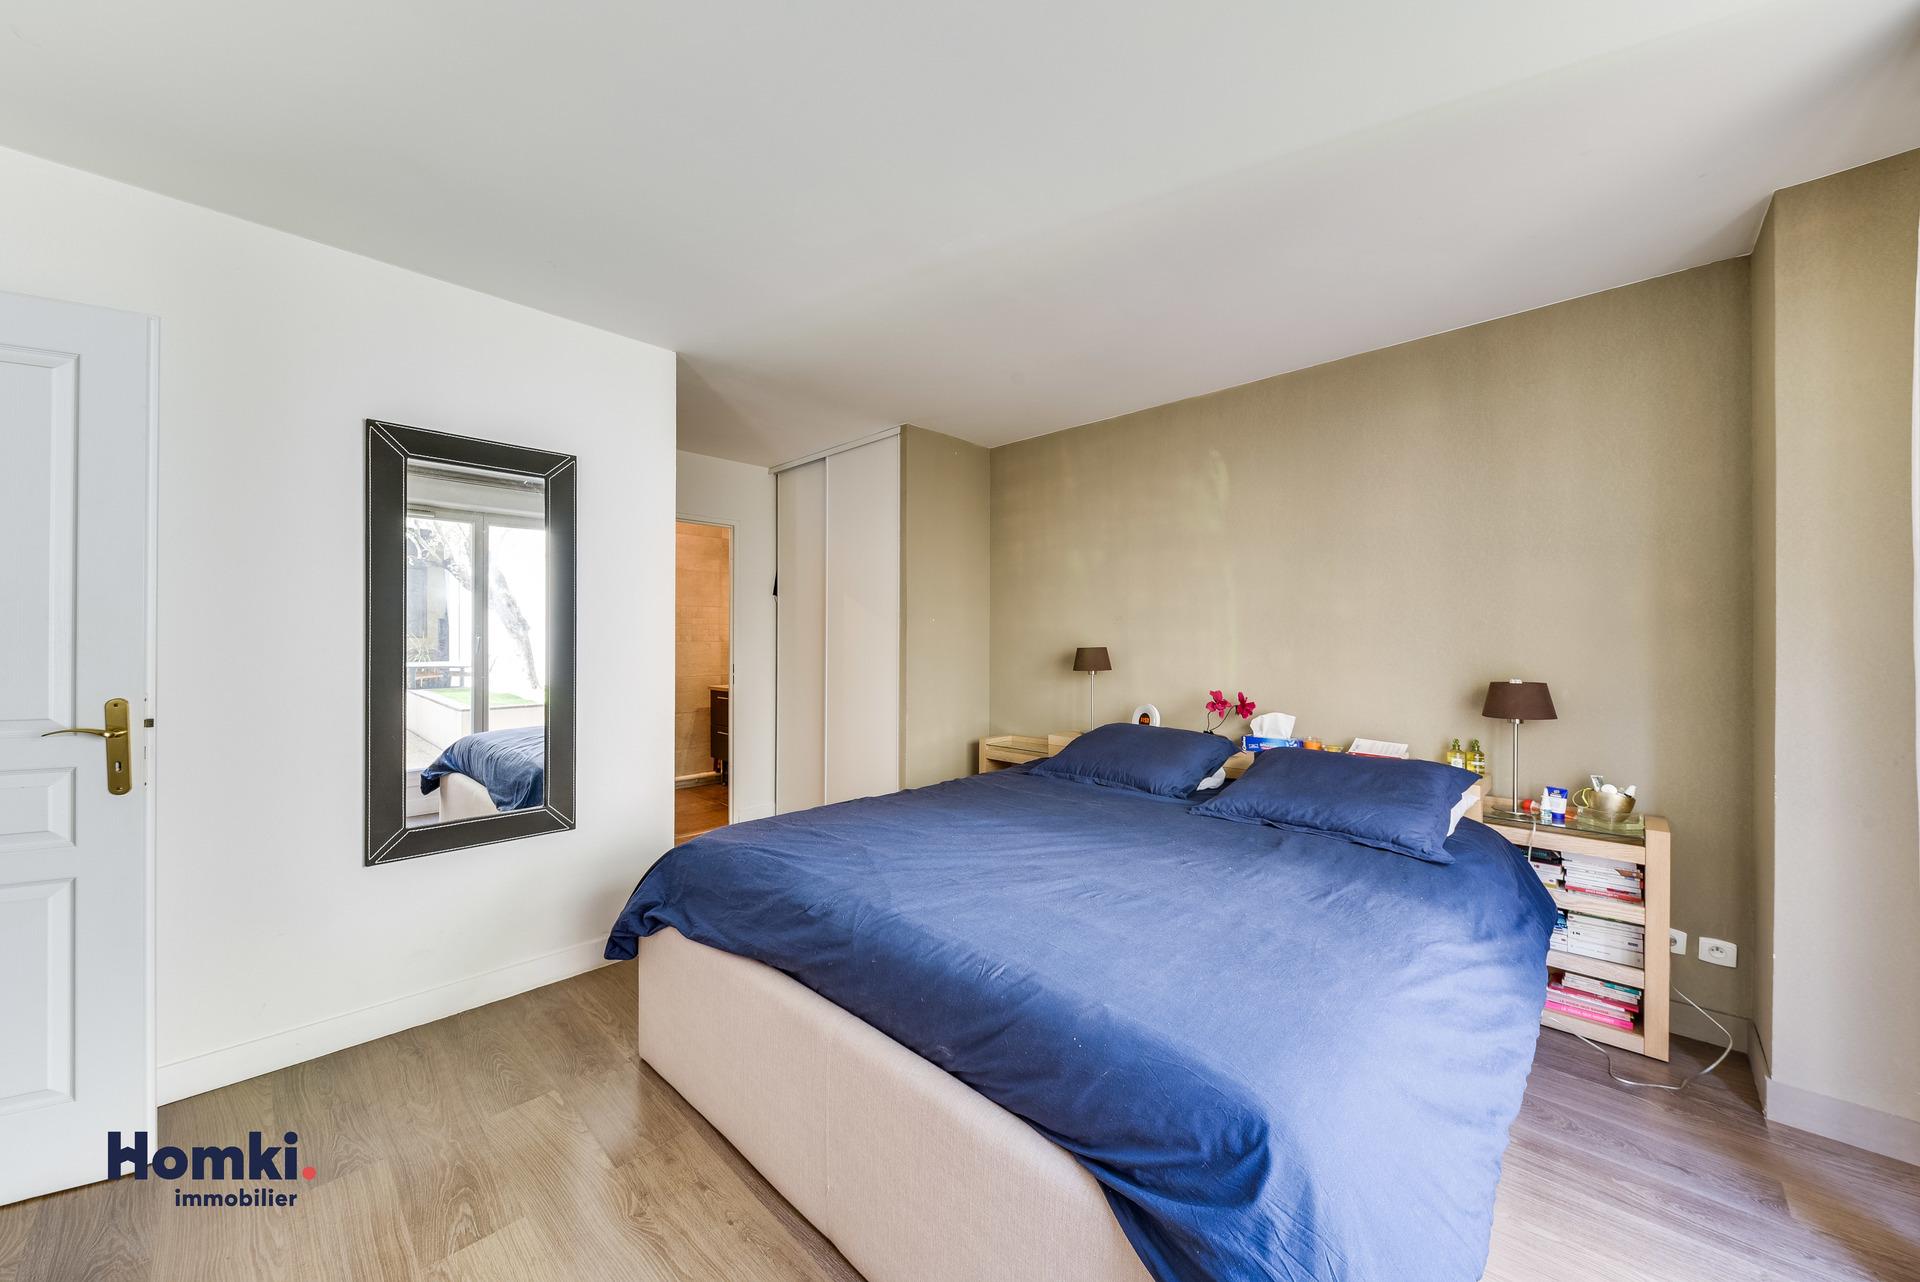 Vente Appartement 105 m² T4 13002_7